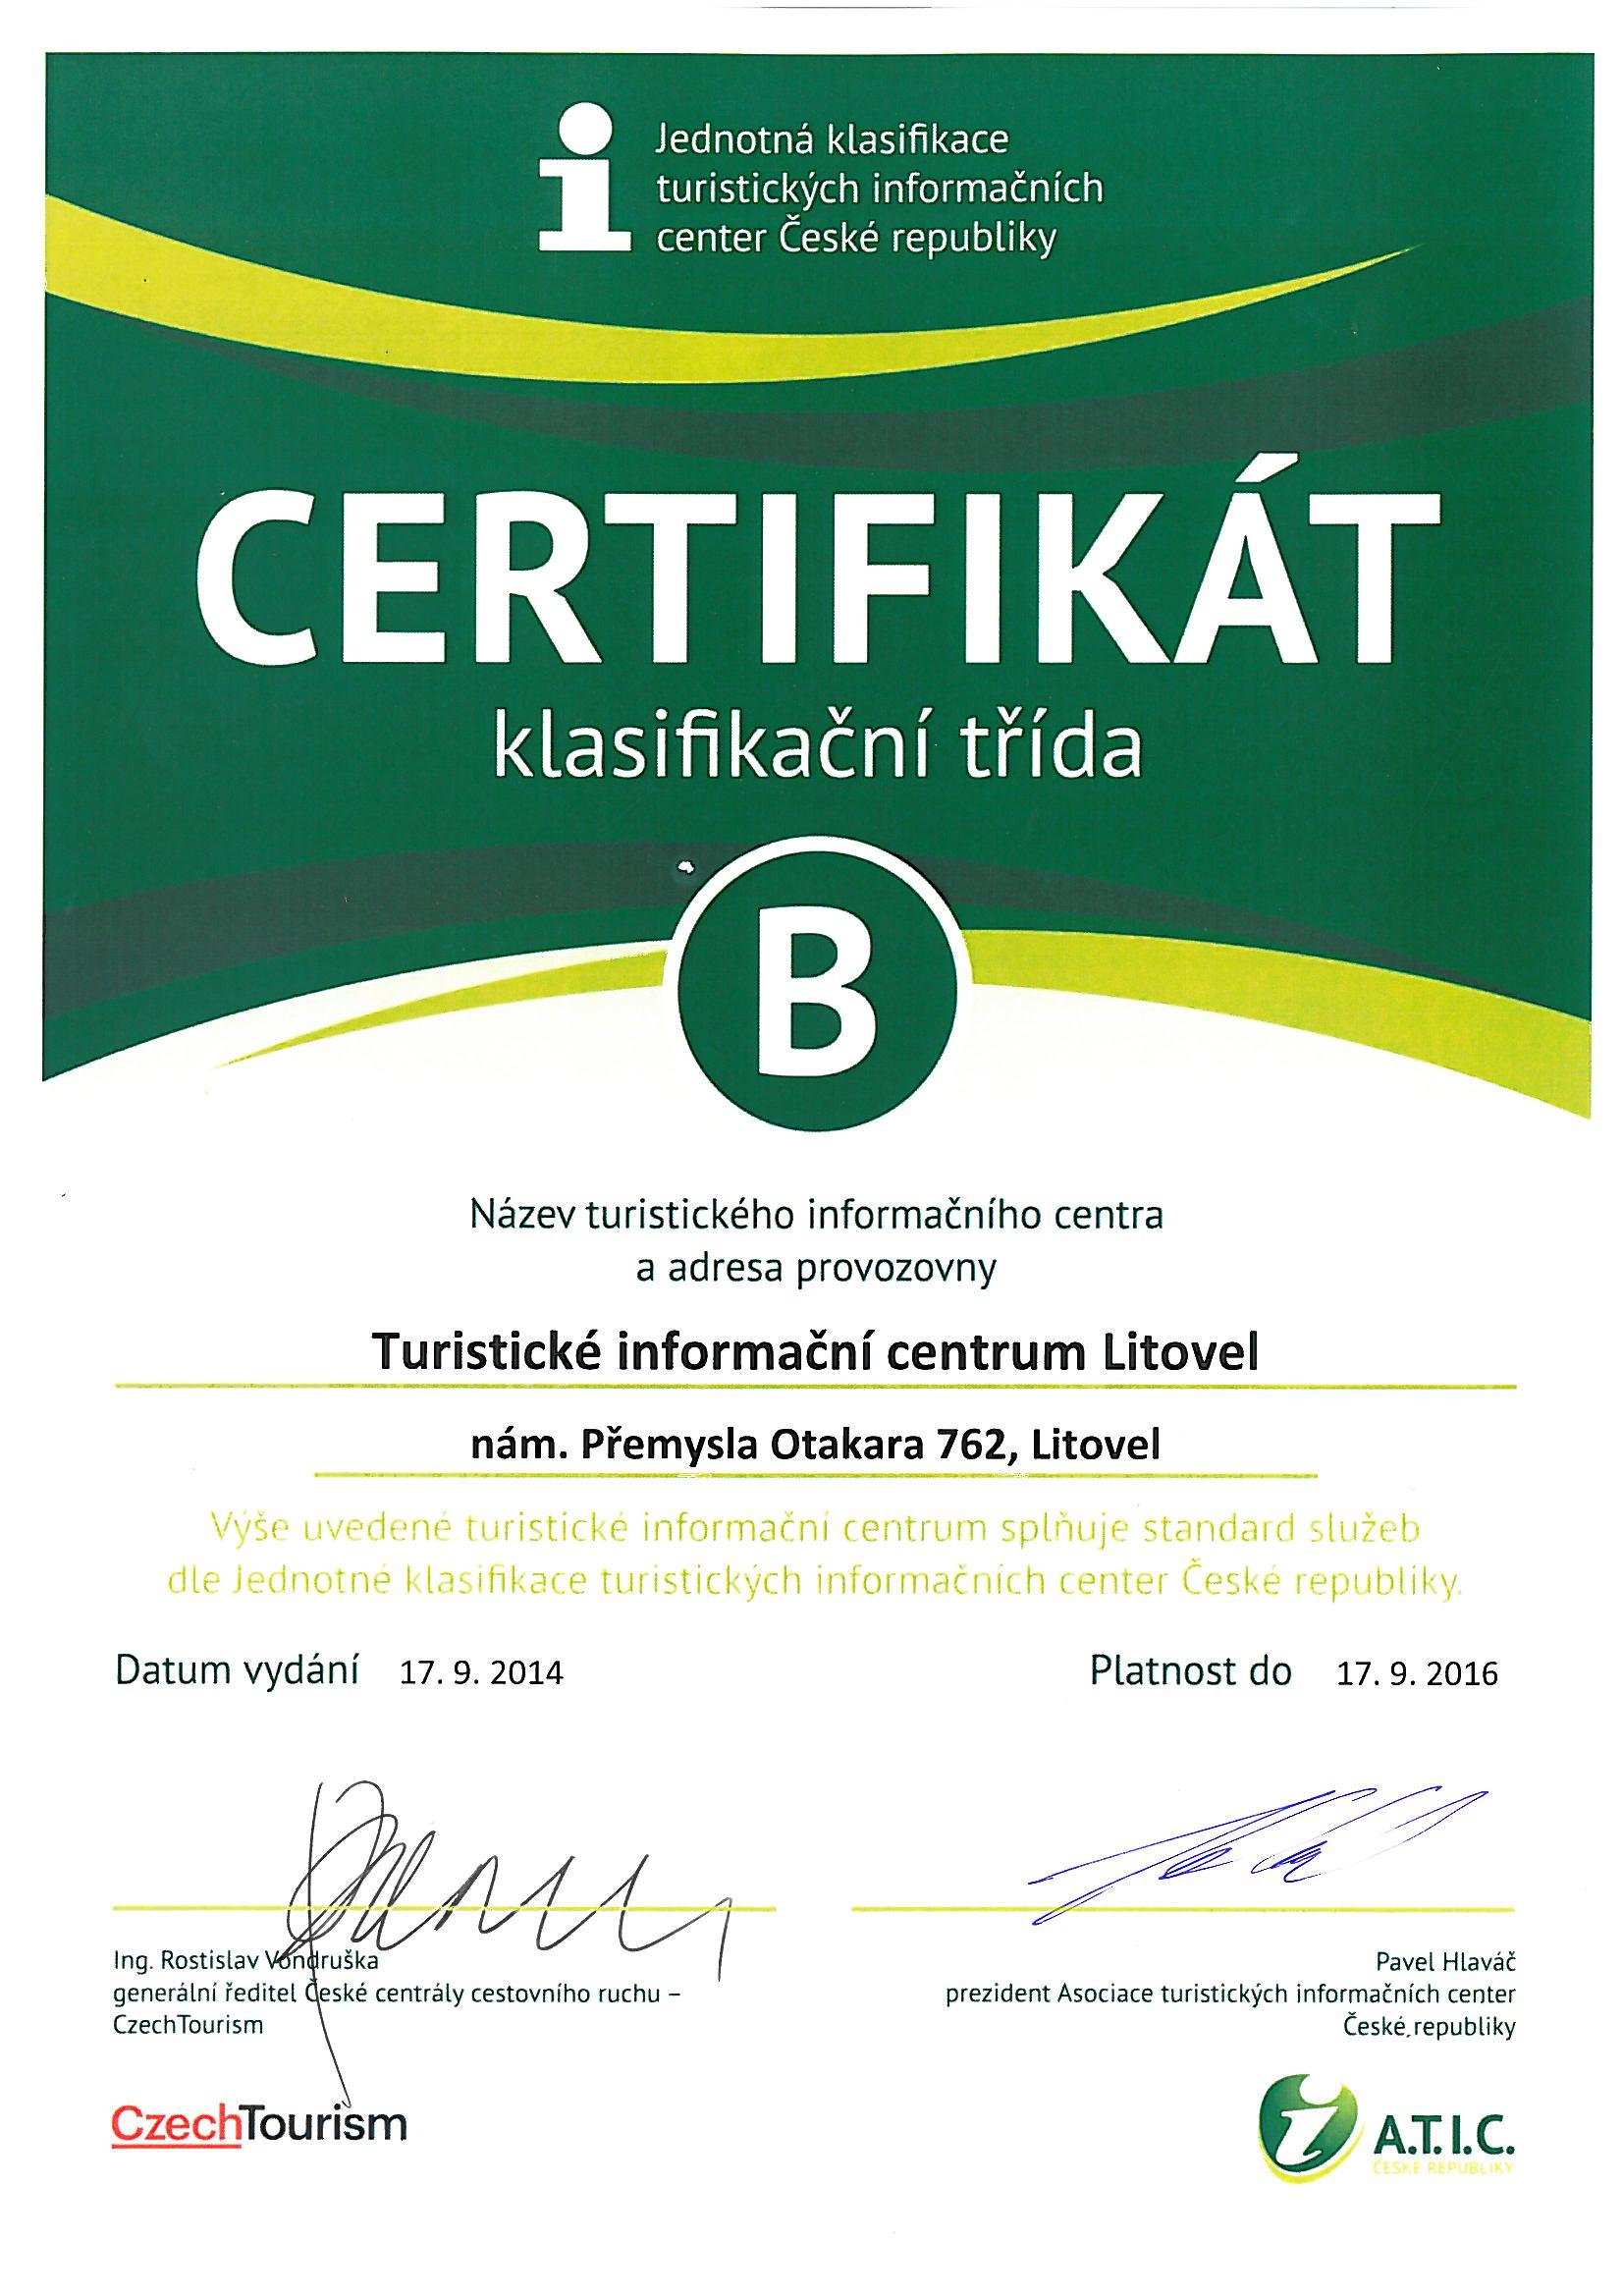 Certifikát ATIC, obrázek se otevře v novém okně